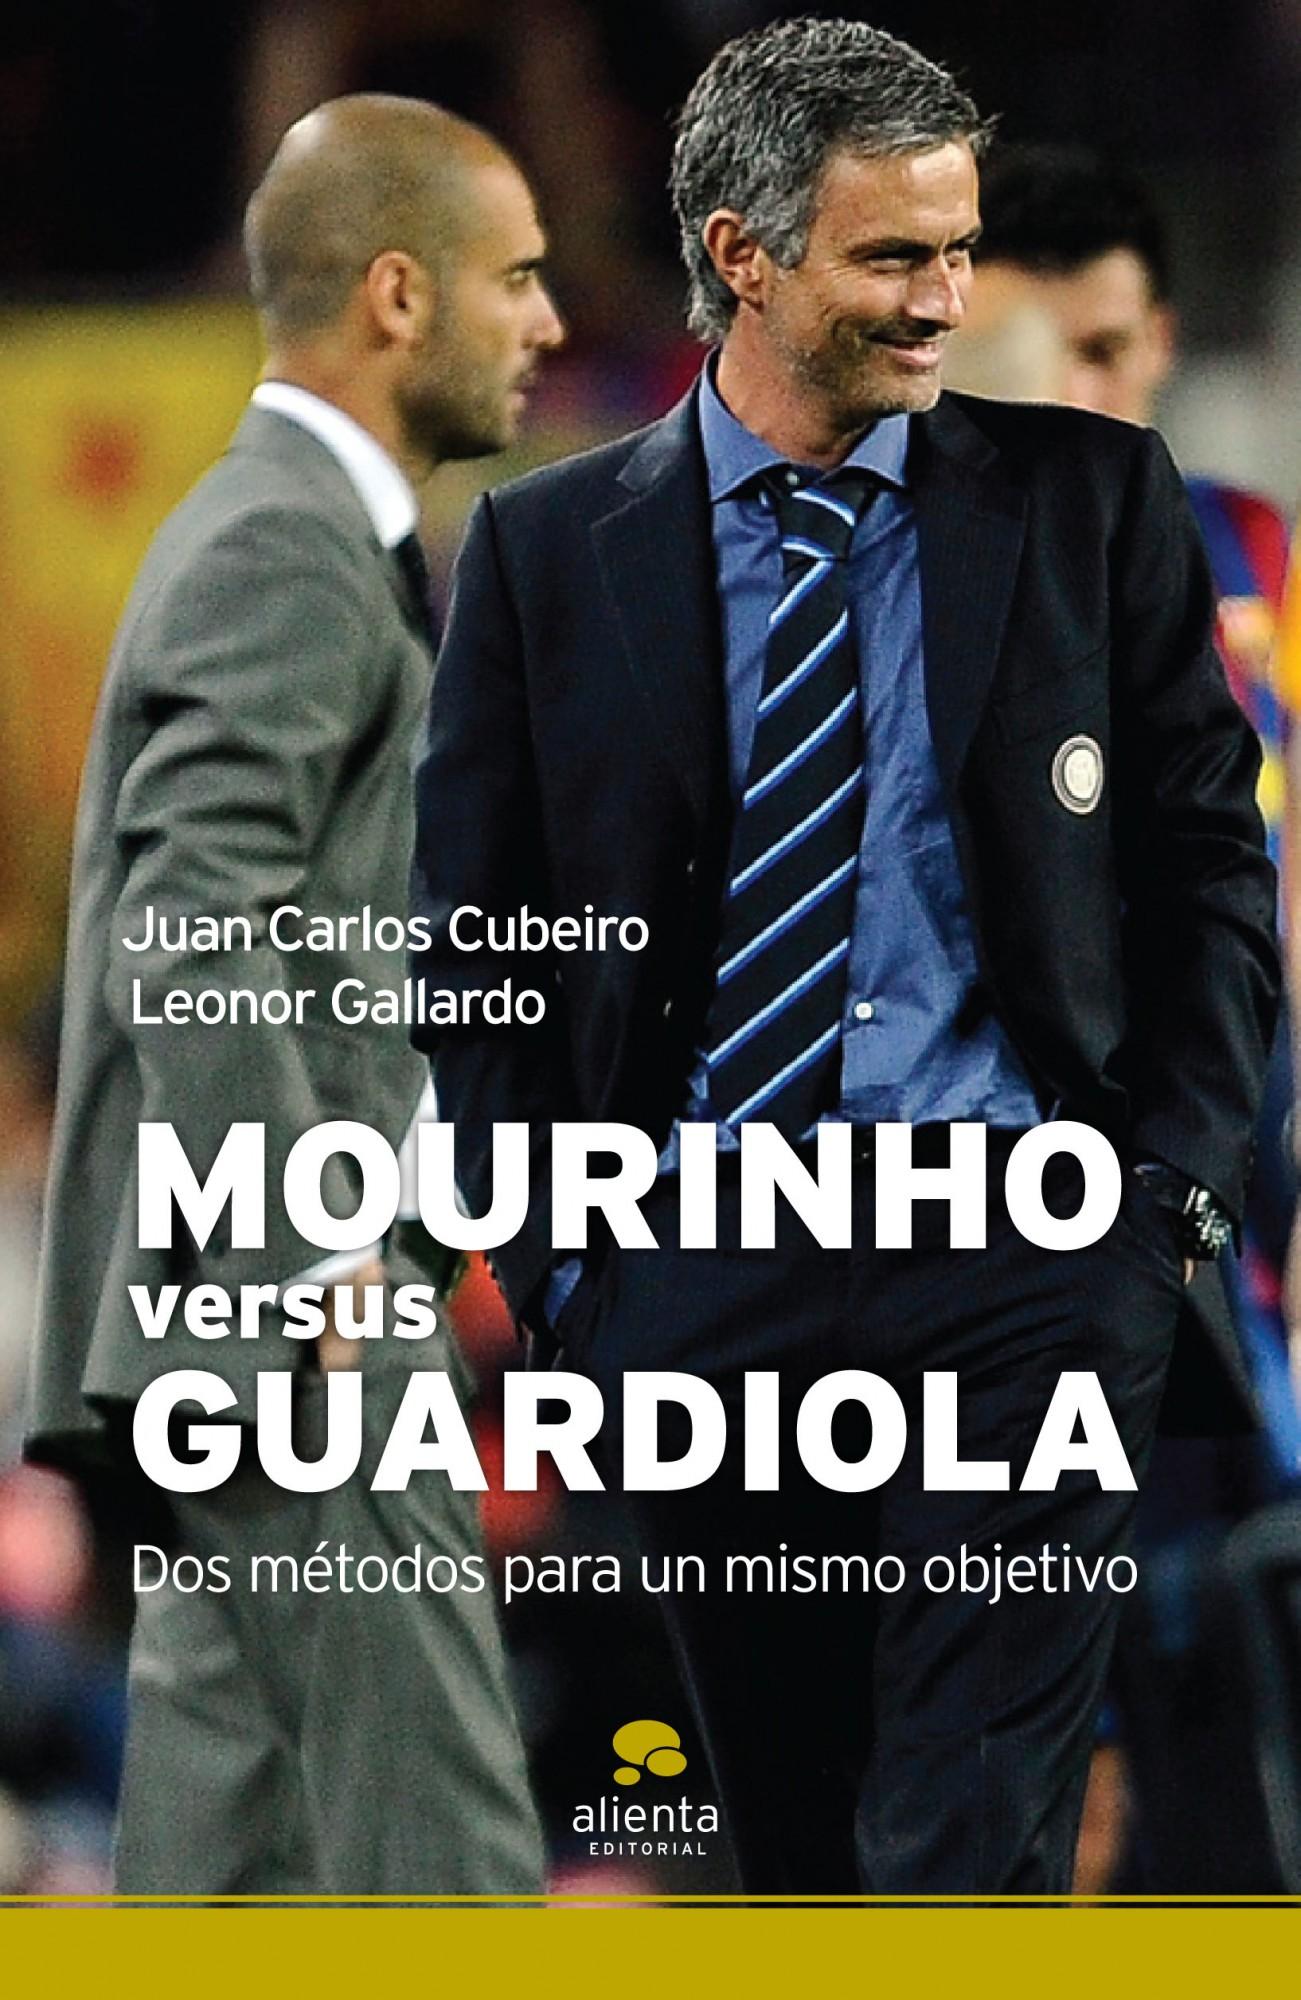 libro-mourinho-versus-guardiola